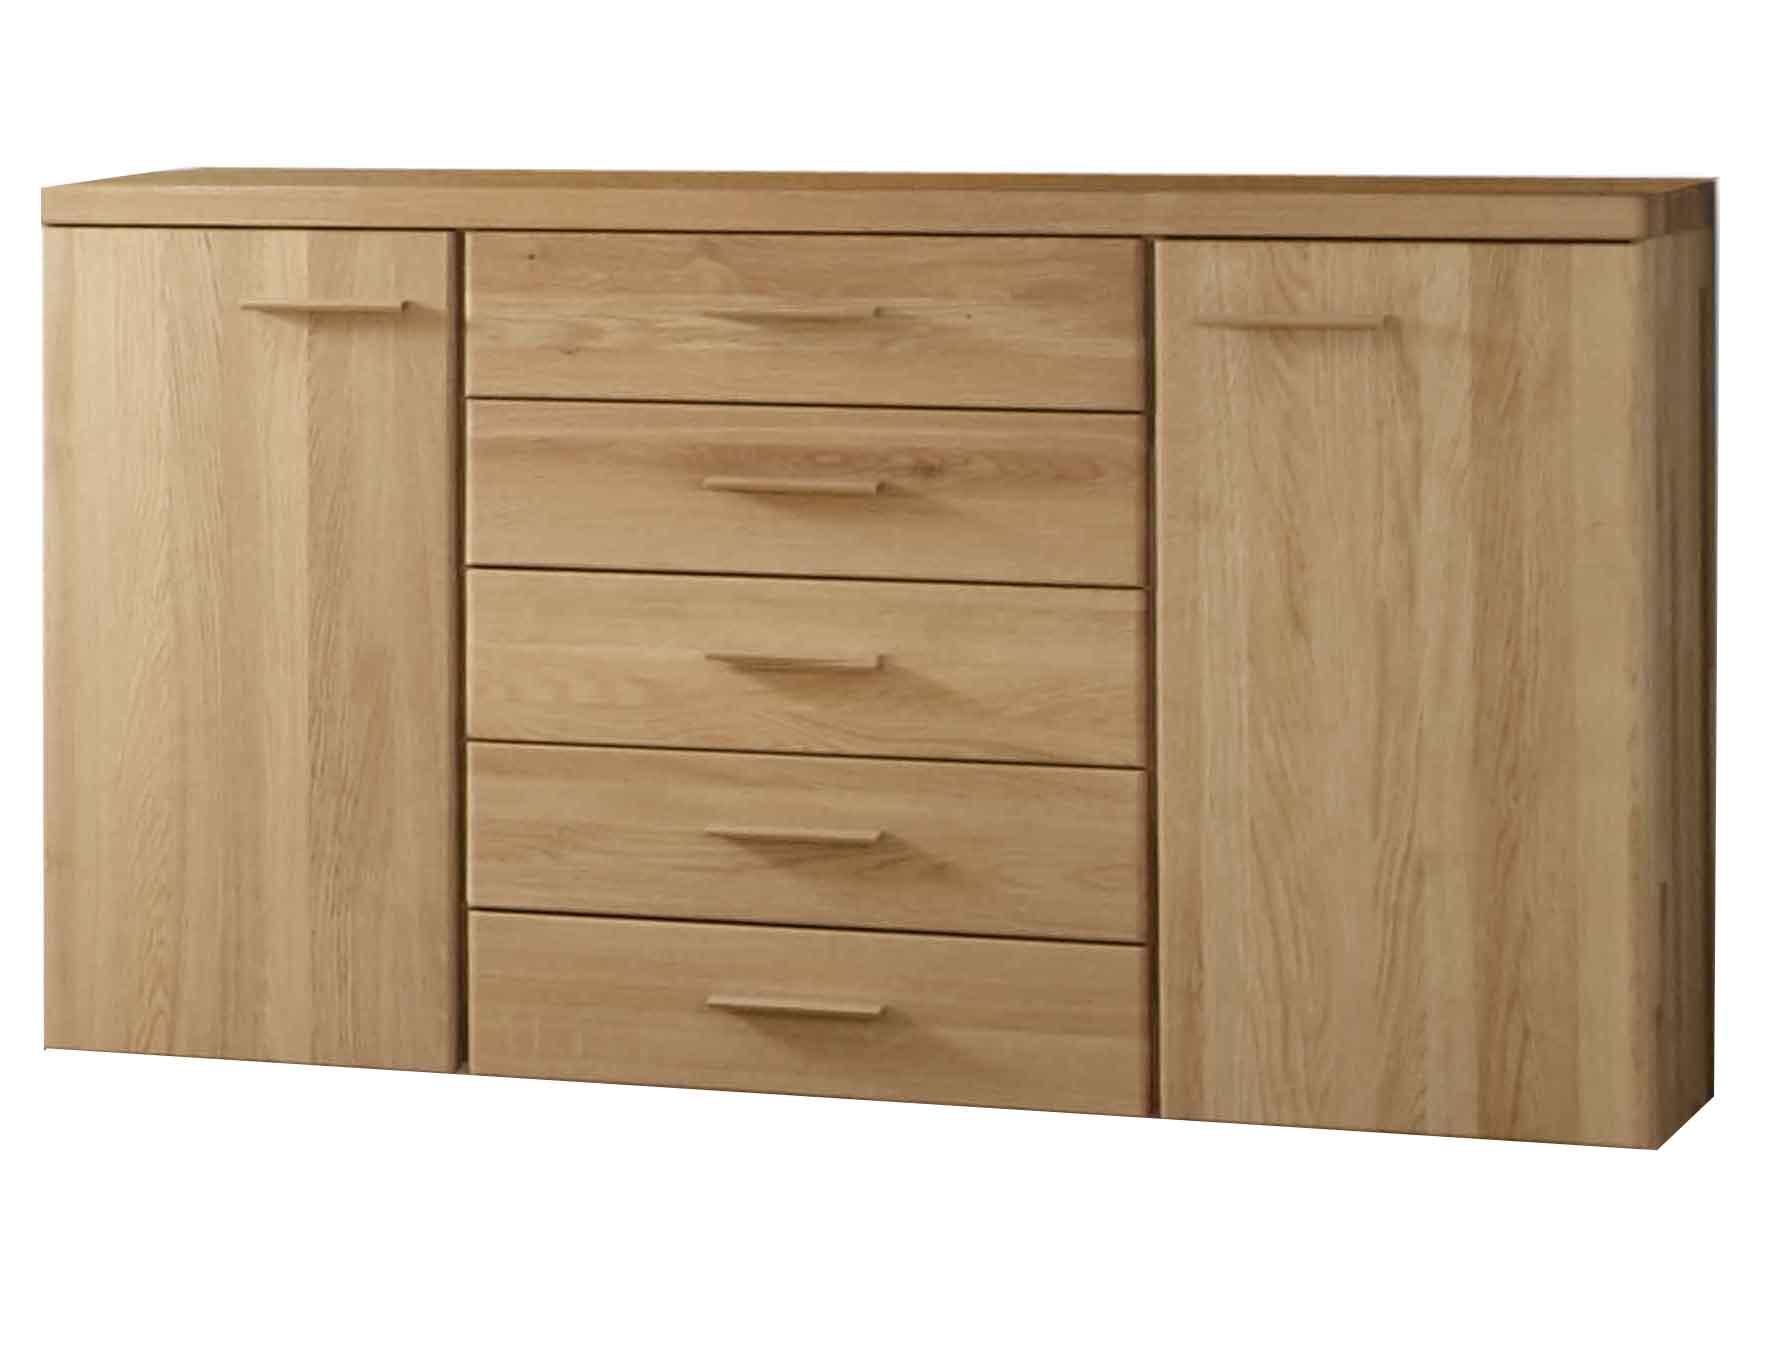 design ideen und inspiration von moebel muenster moebel stuttgart moebel wilken moormann. Black Bedroom Furniture Sets. Home Design Ideas